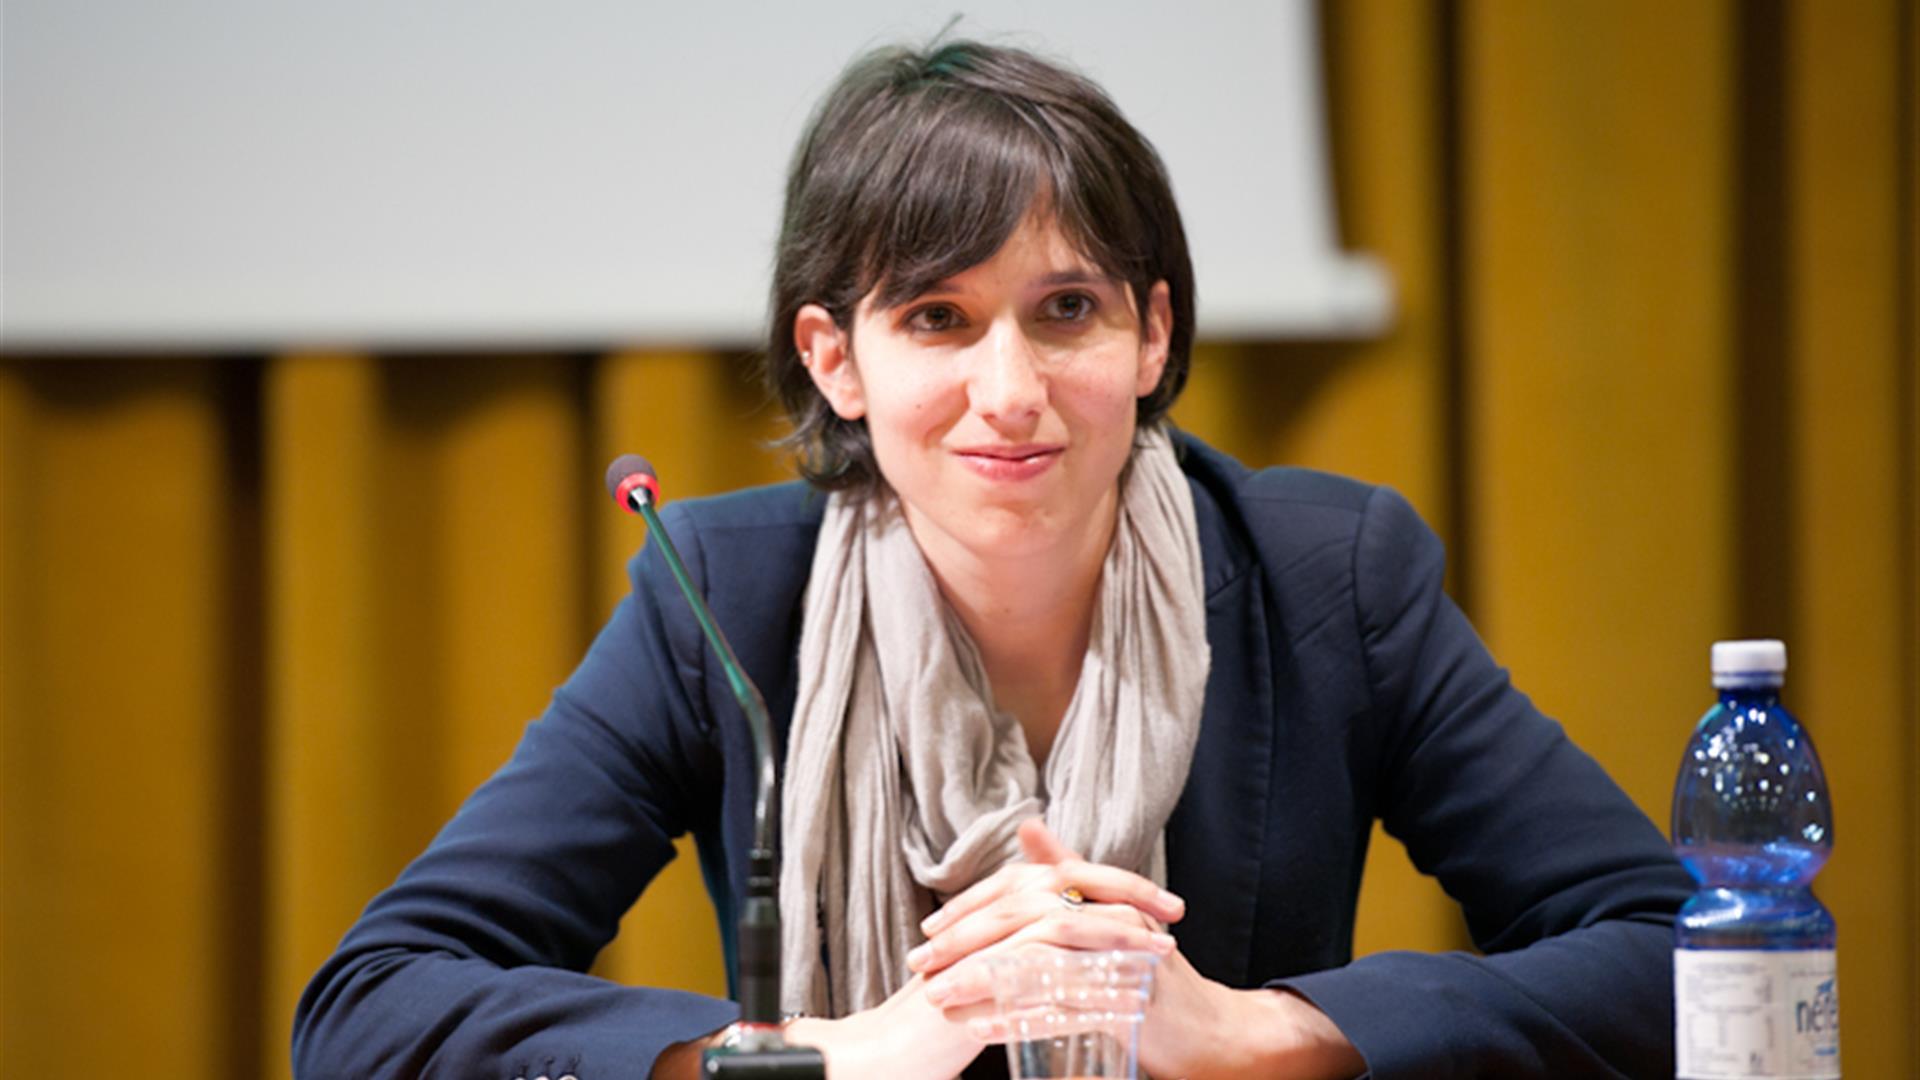 L'indifferenziato.com – L'intervista a Elly Schlein